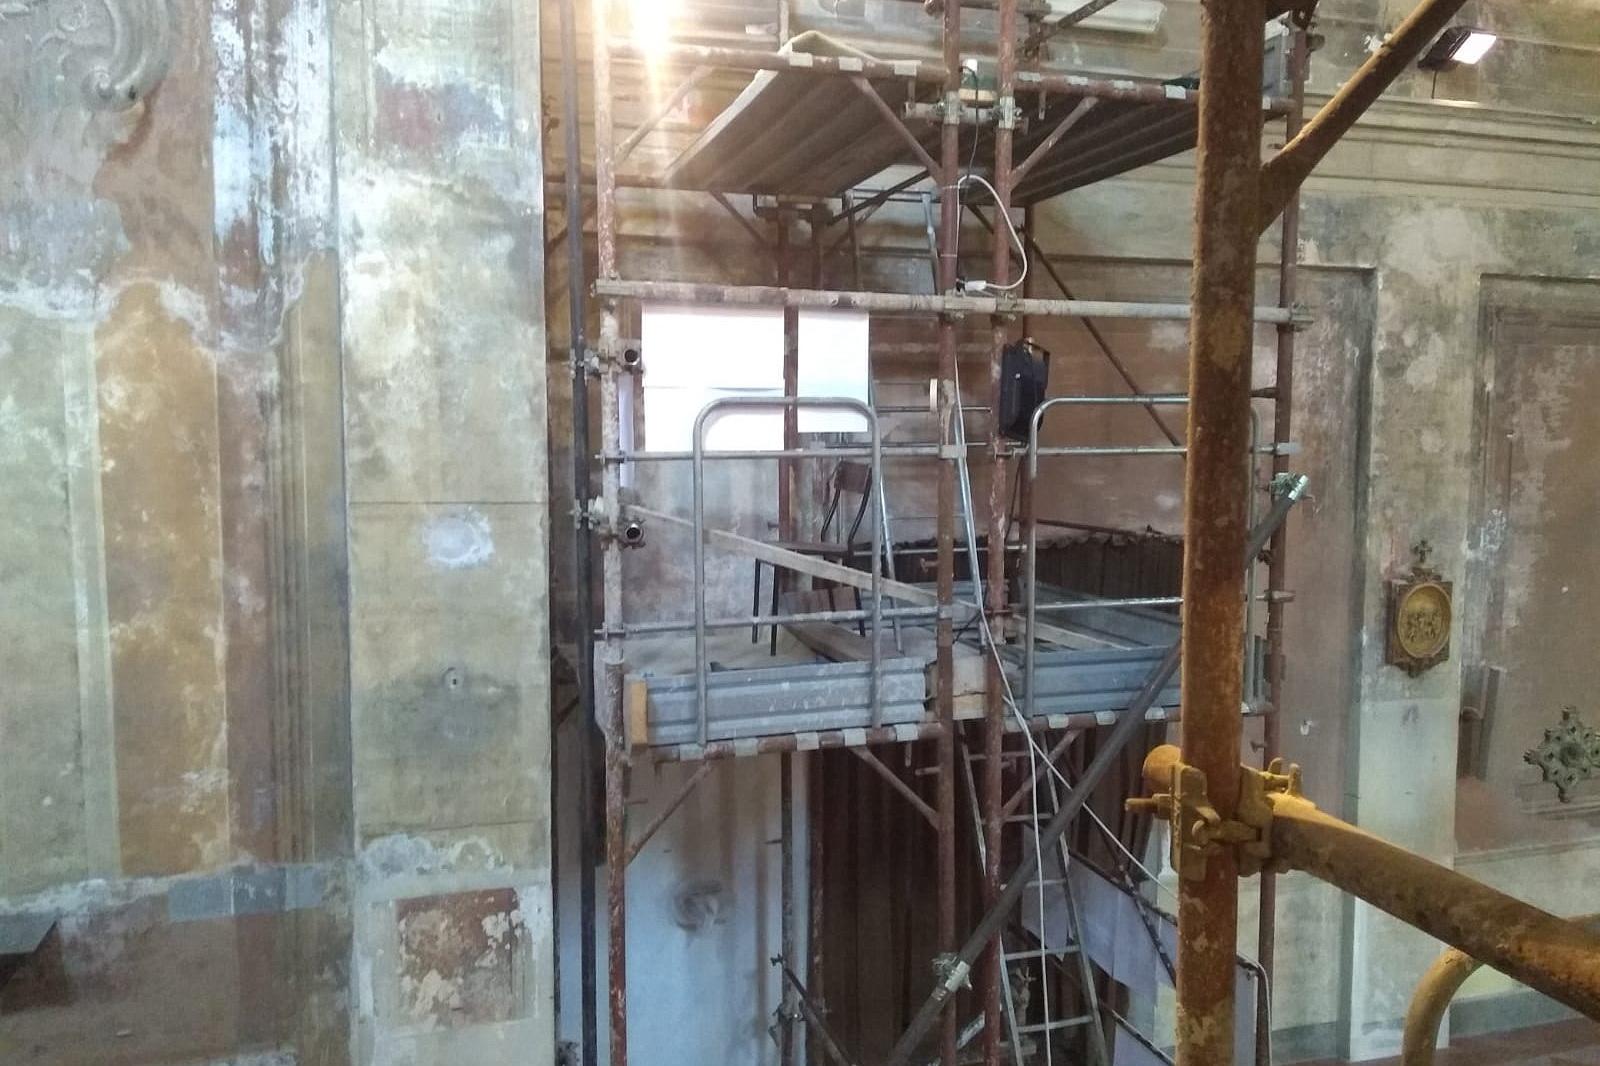 secondo ciclo restauro chiesa sant'ambrogio legnano 3